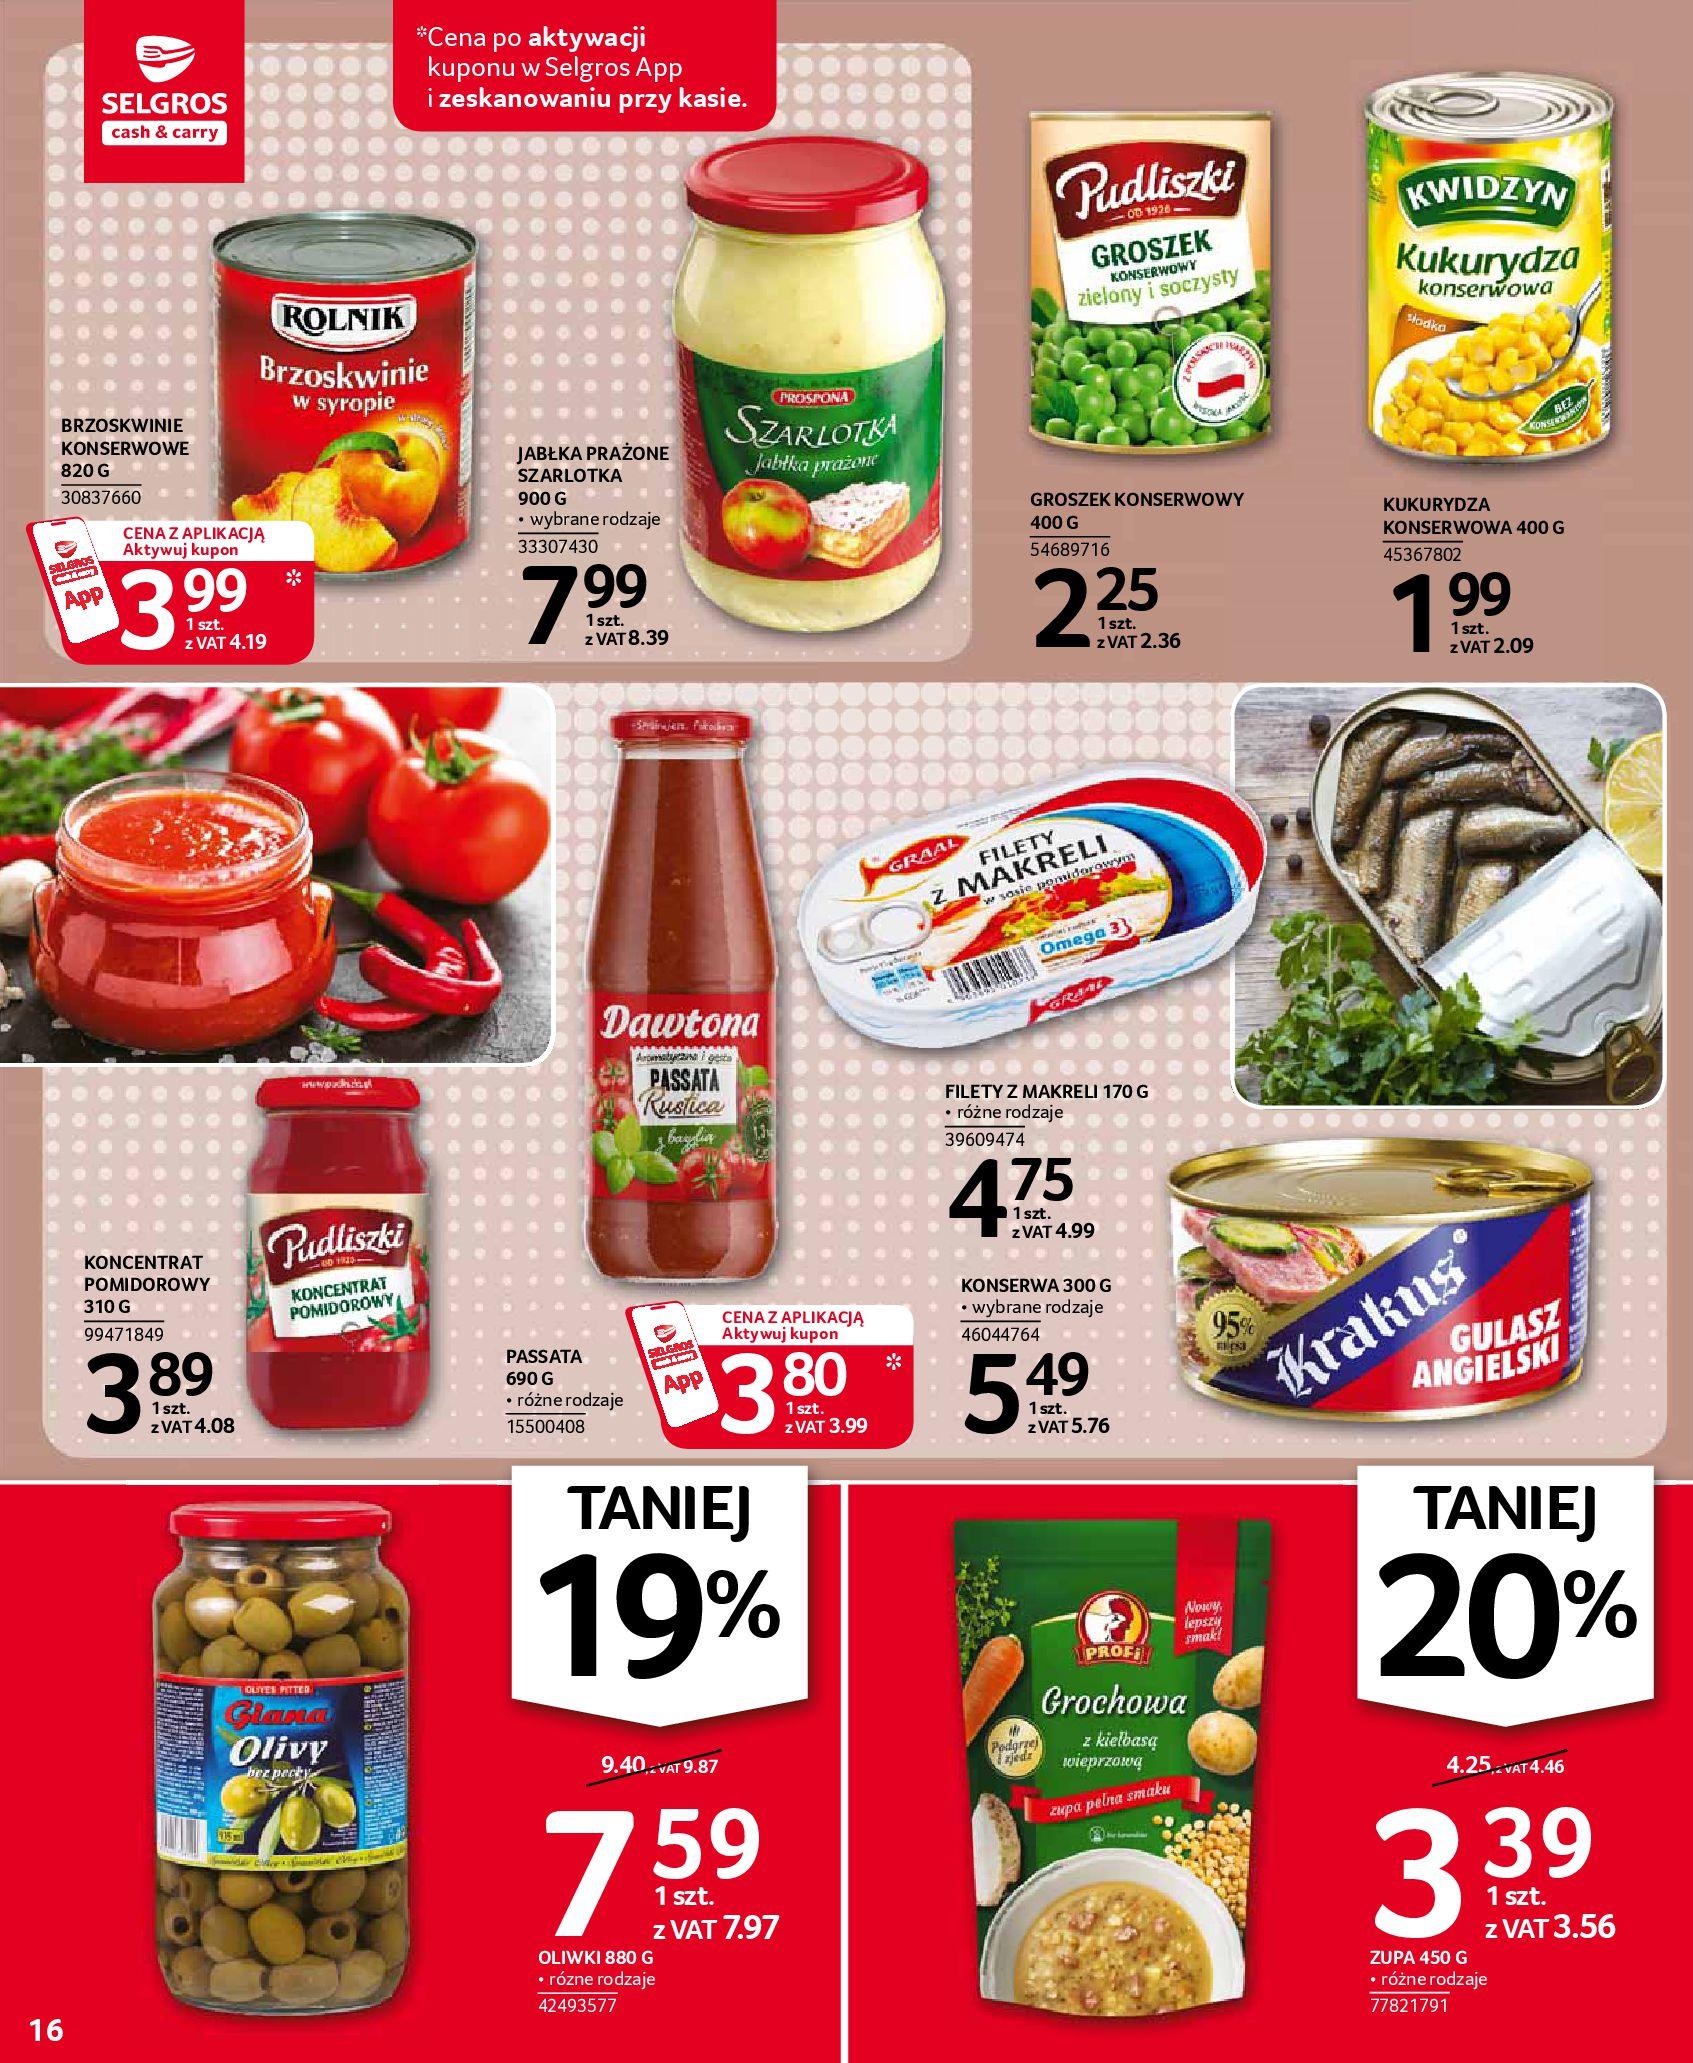 Gazetka Selgros: Oferta spożywcza 2021-01-07 page-16